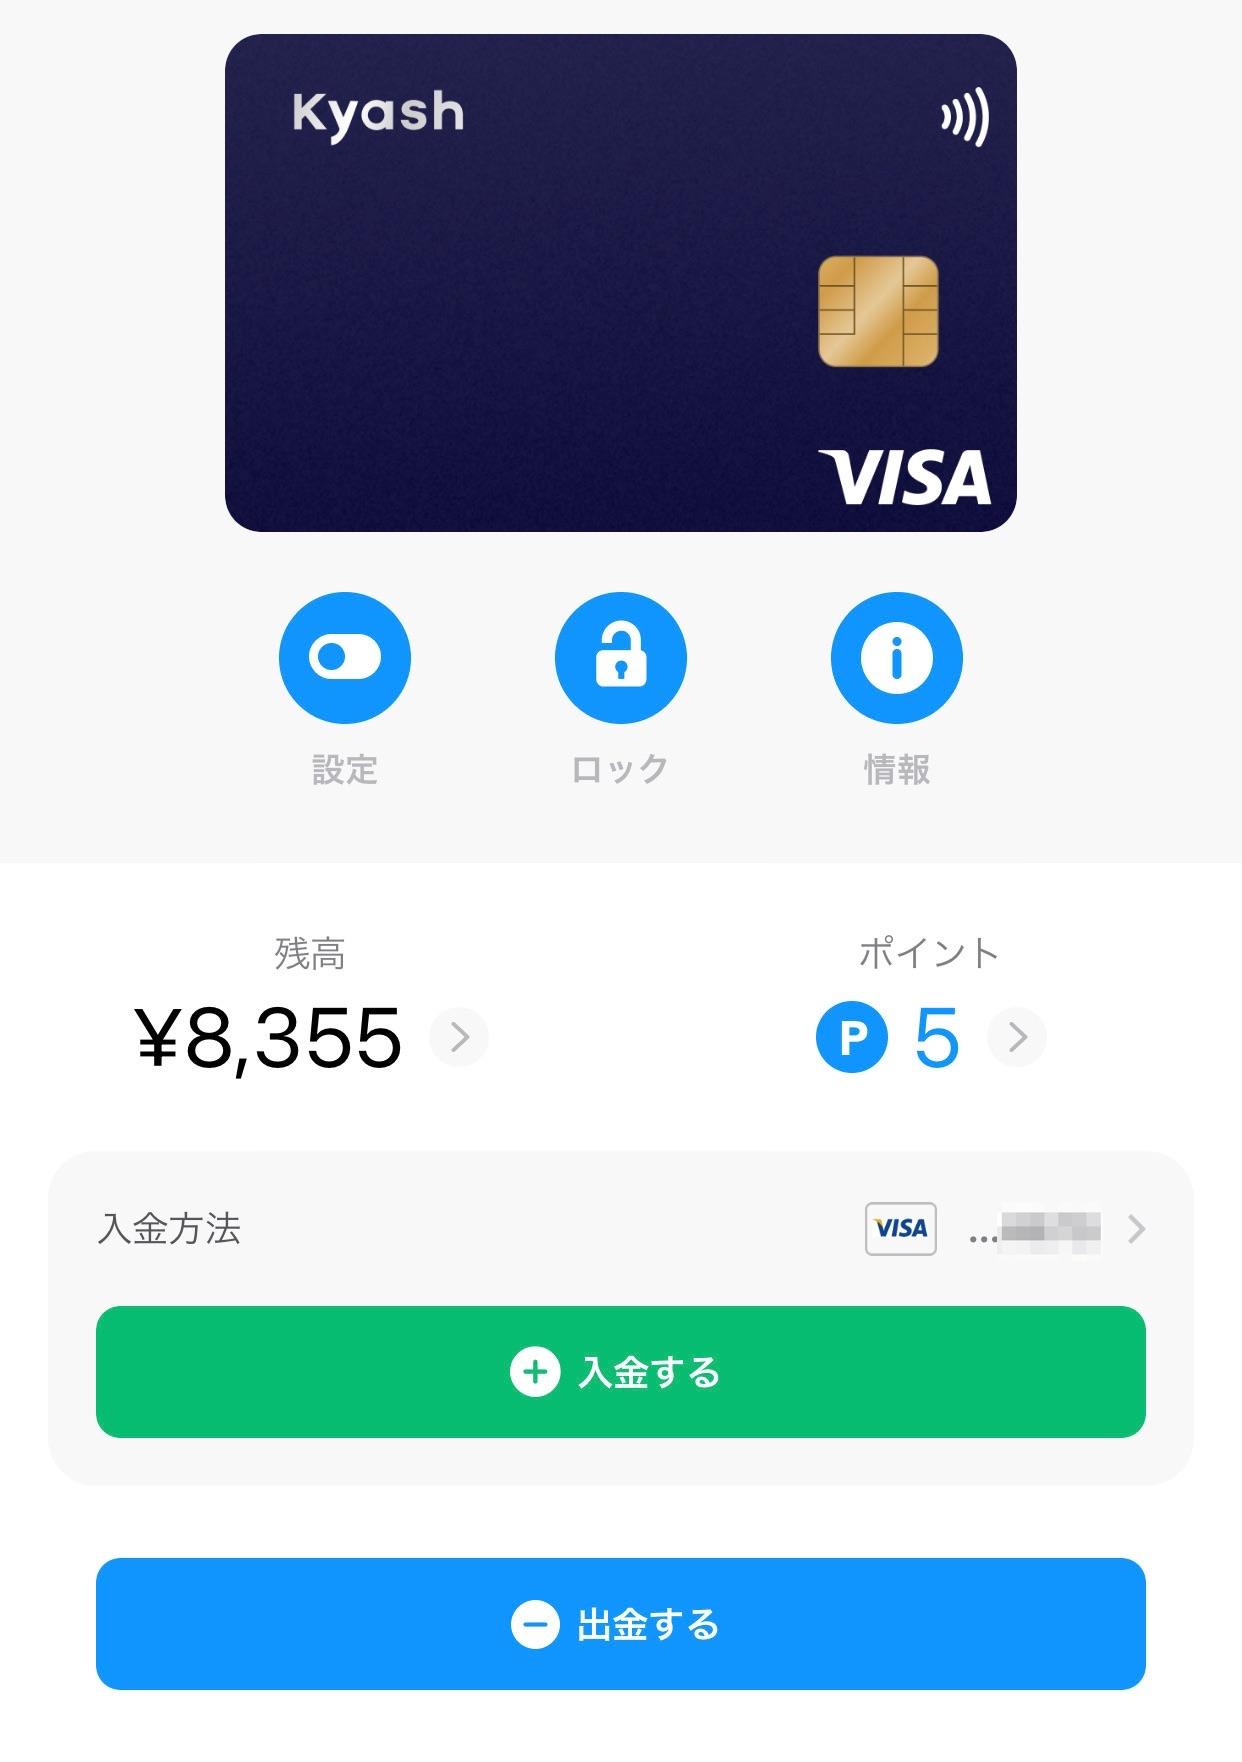 【Kyash】2月4日より「ゆうちょ銀行」からの残高チャージが再開